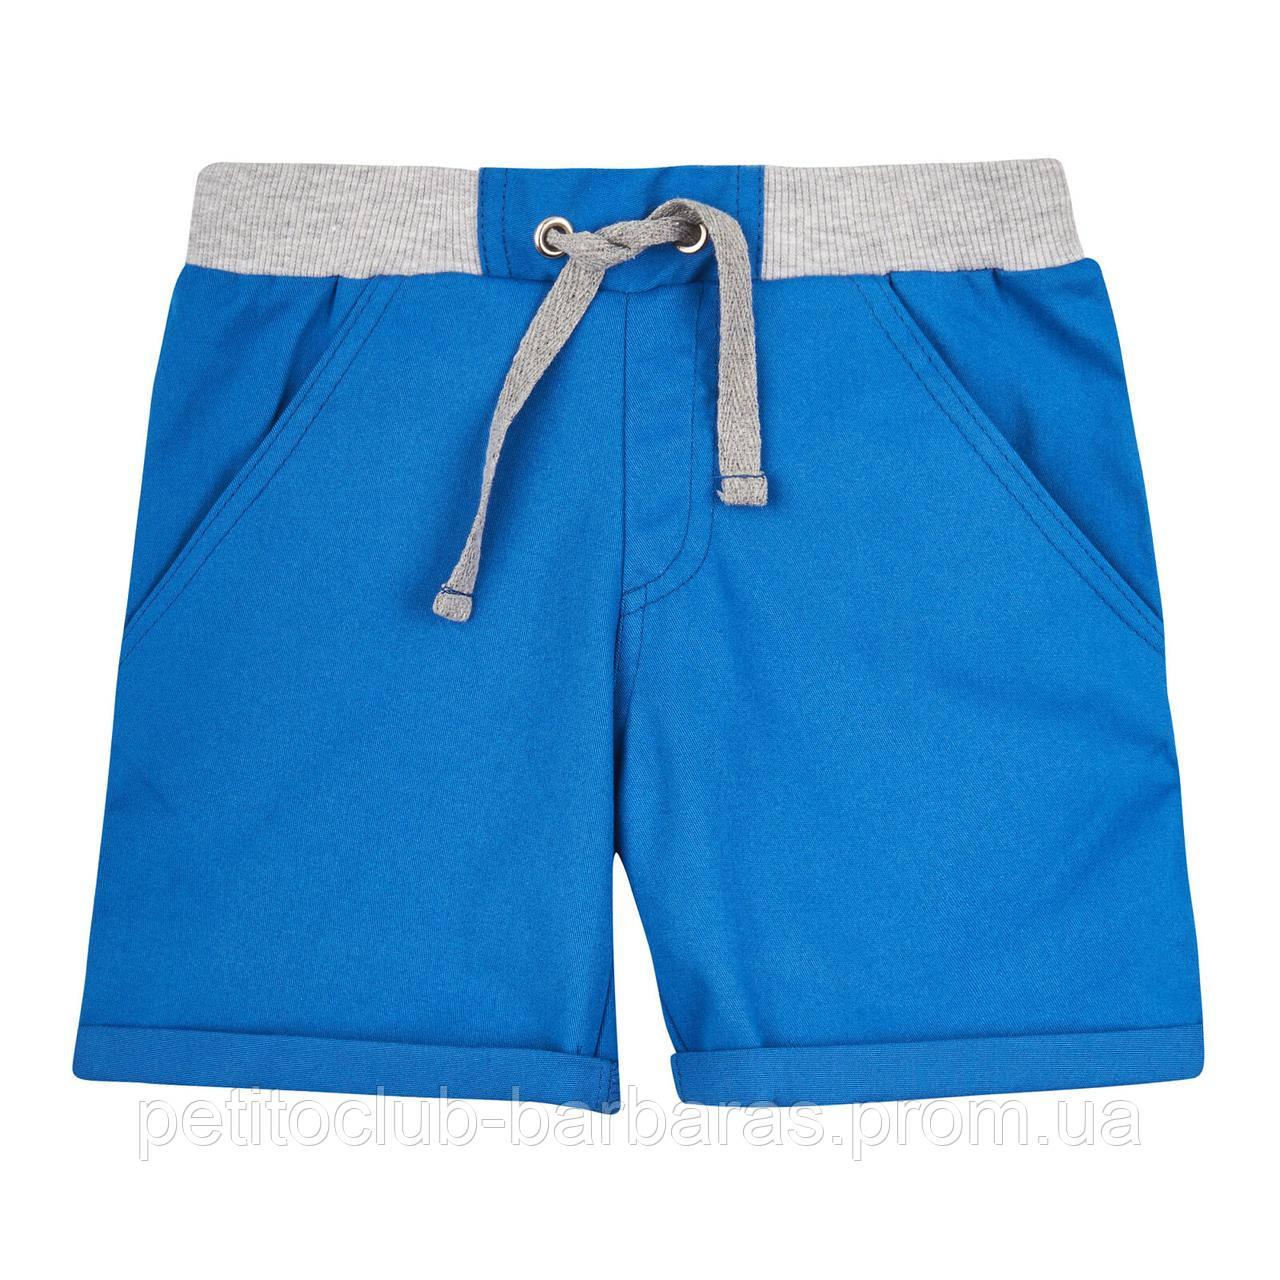 Детские летние хлопковые шорты для мальчика синие (р.122-140 см) (KIT-Lime, Украина)